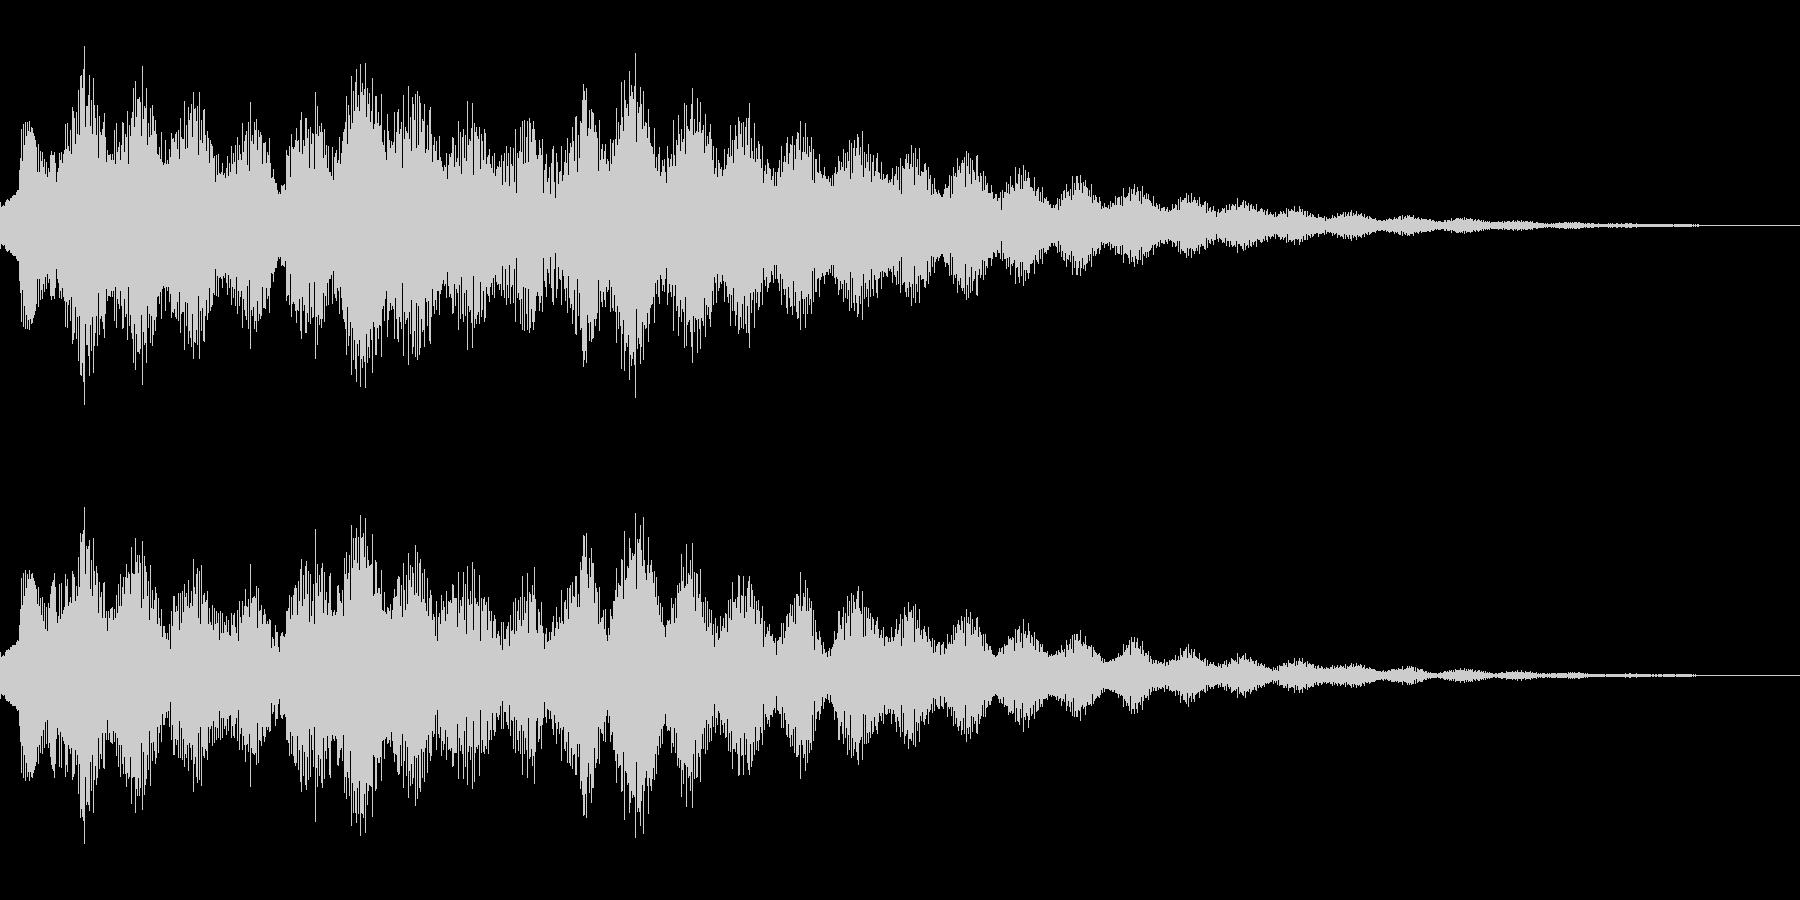 エレクトリックピアノを使ったサウンドロゴの未再生の波形